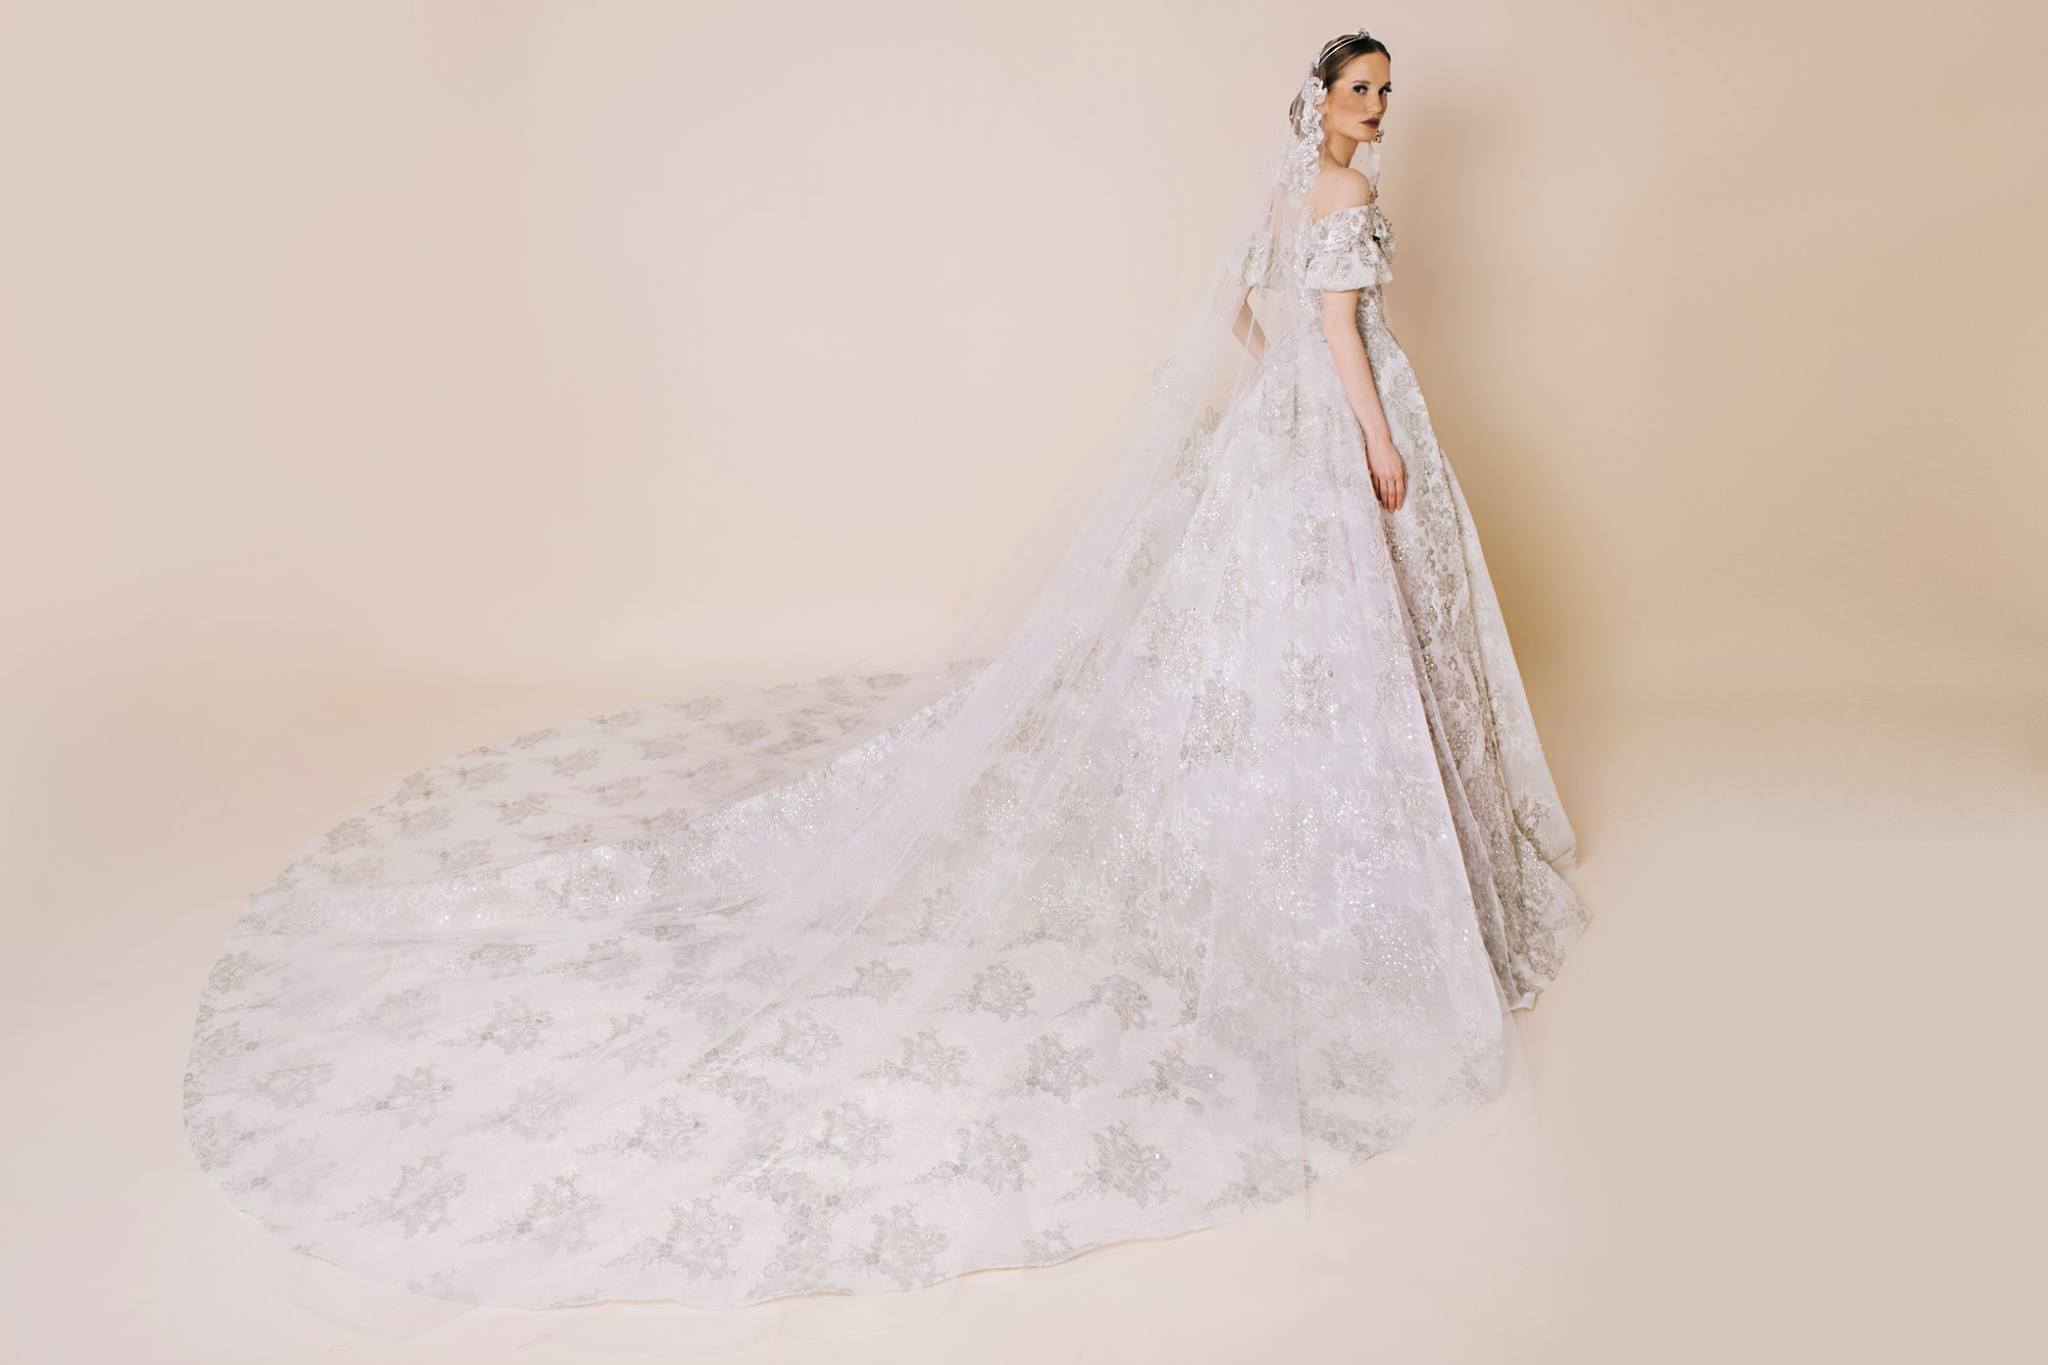 e855e8b399a2a فساتين زفاف كلاسيكية من ريم قشمر